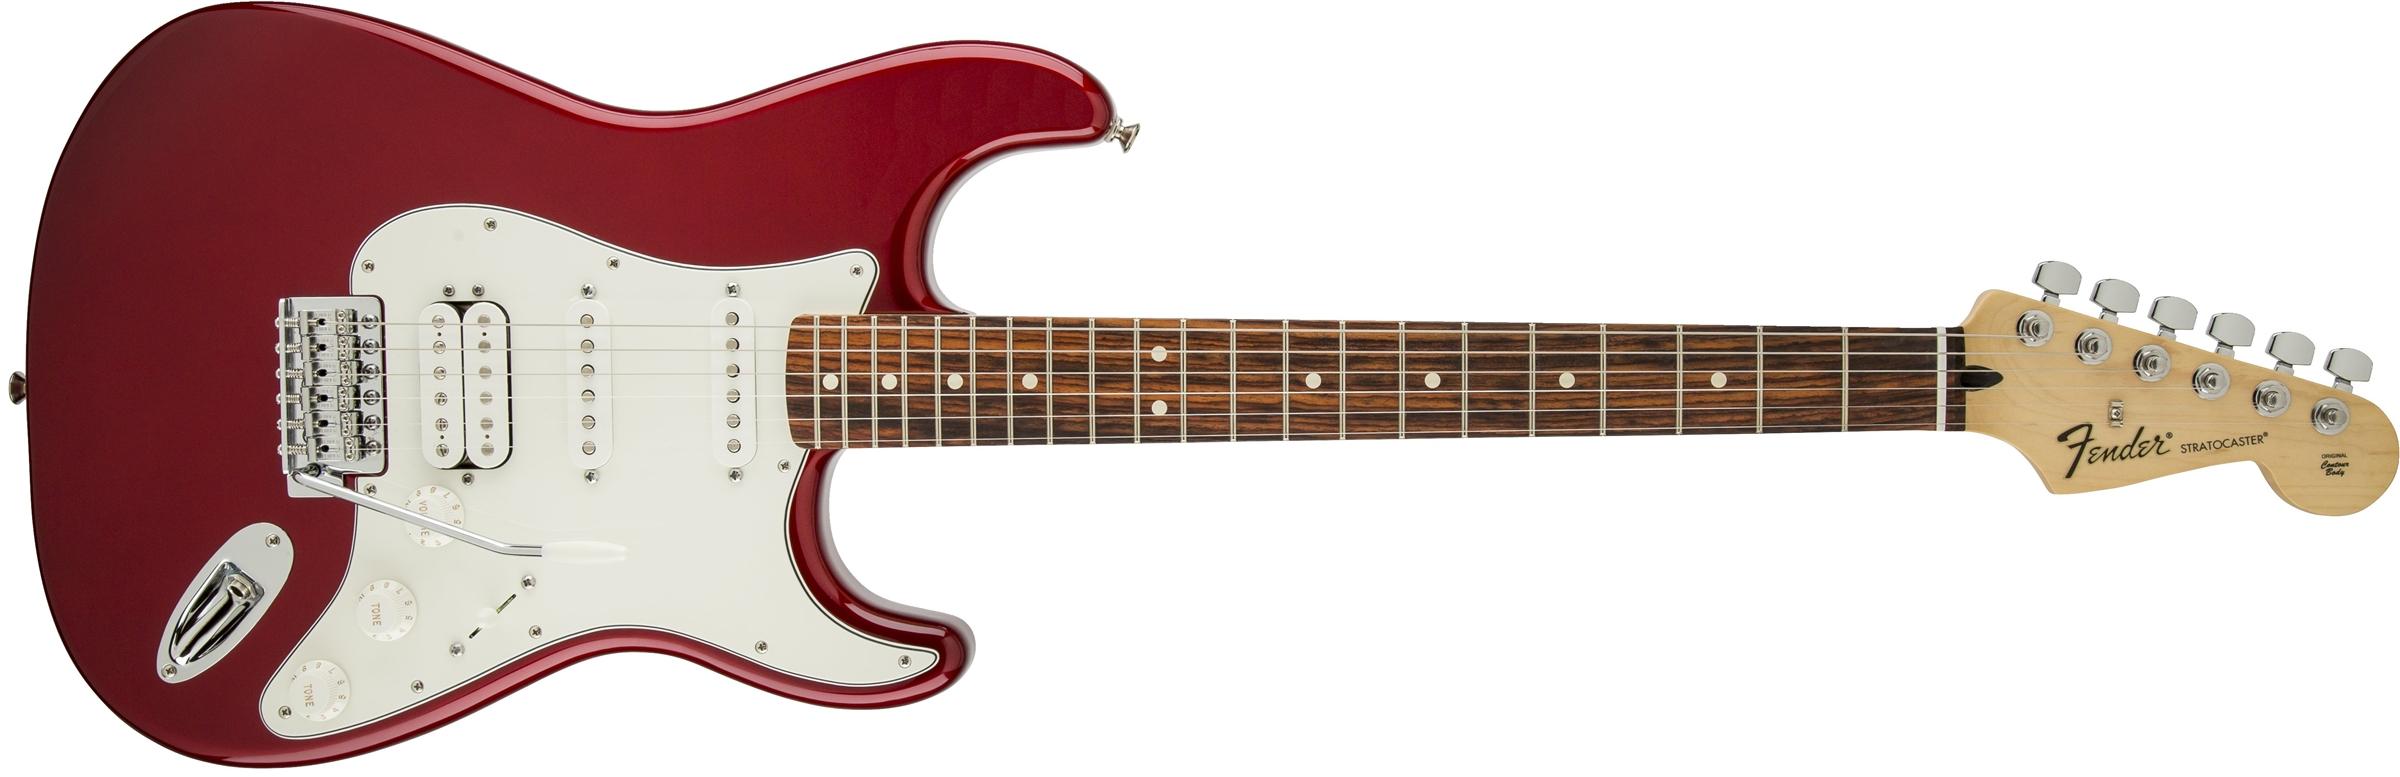 fender standard stratocaster hss rosewood fingerboard candy apple red. Black Bedroom Furniture Sets. Home Design Ideas